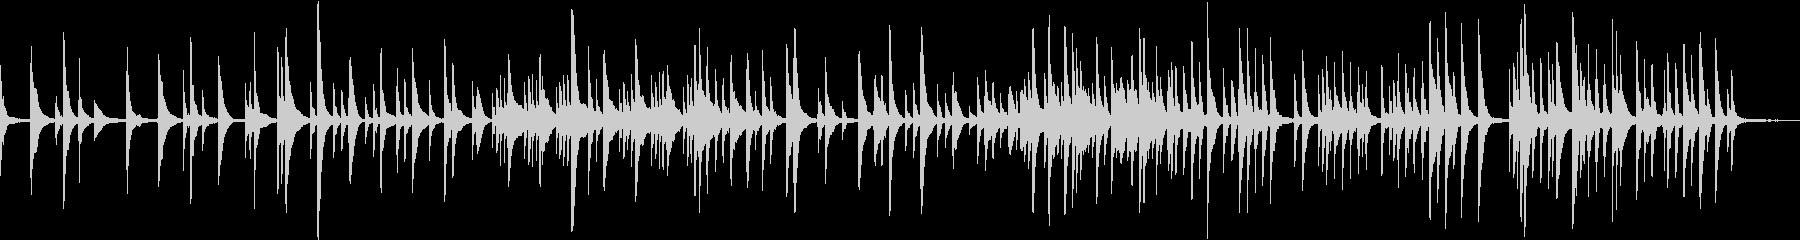 洋楽ピアノ 感動映像 CM ヒーリングの未再生の波形